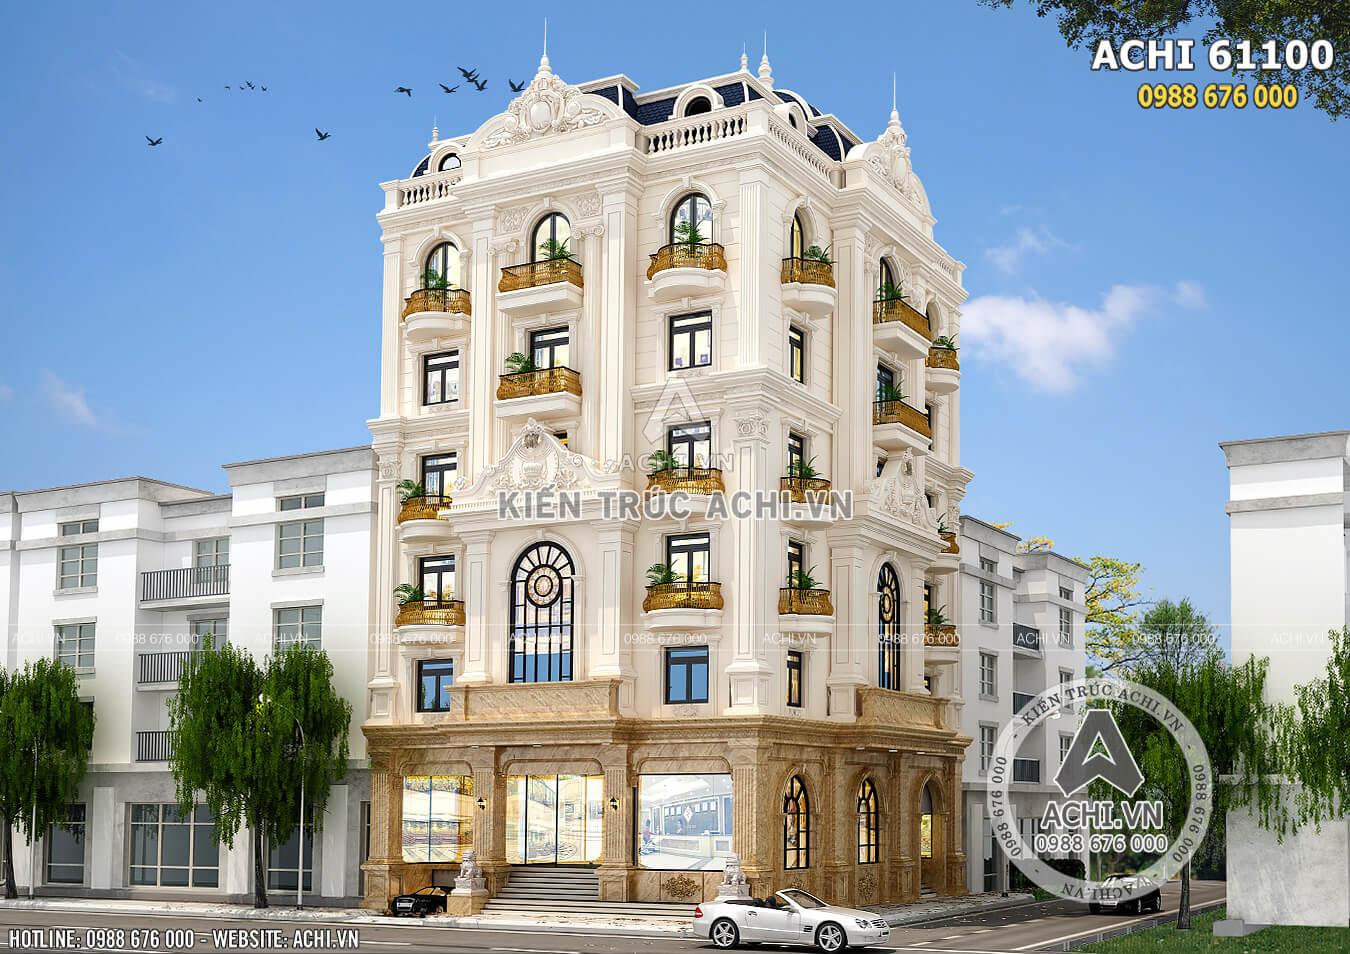 Phối cảnh 3D toàn cảnh mẫu thiết kế biệt thự tân cổ điển nhà ở kết hợp khách sạn đẹp